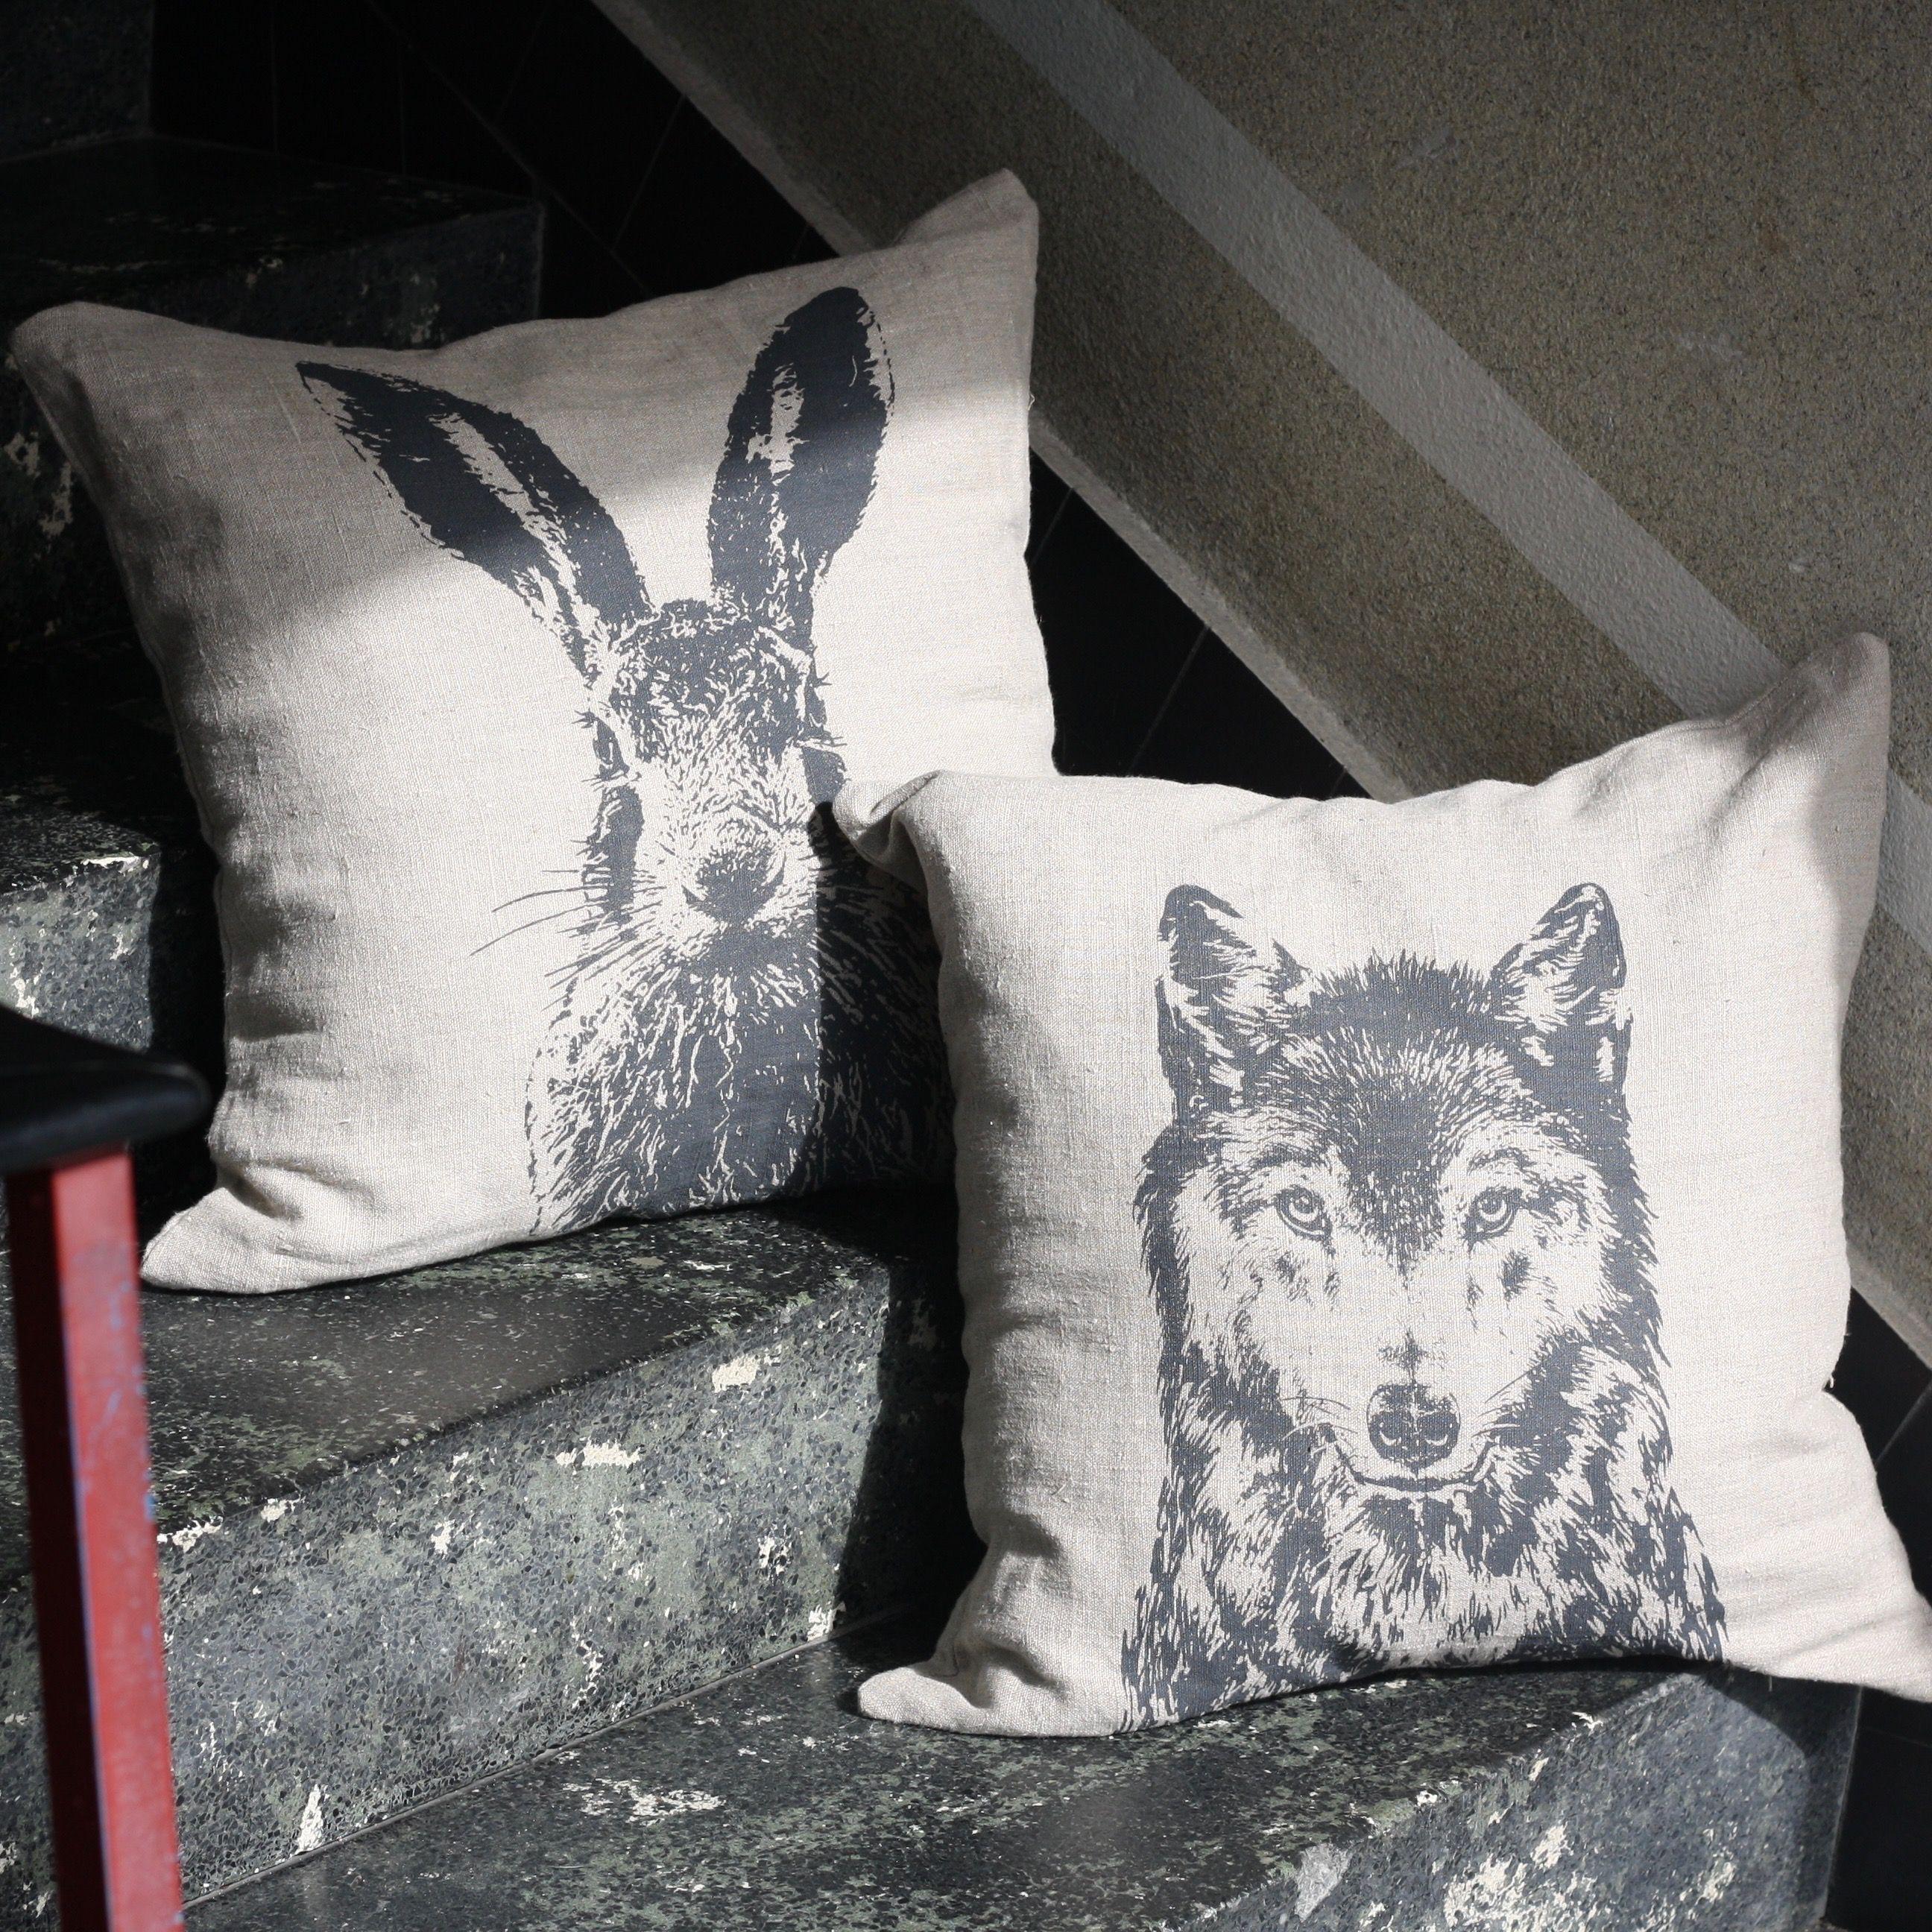 Kissen Wolf Feldhase Leinen Siebdruck Unsere Kissen sind für 59,00€ im Onlineshop auf Frohstoff.de erhältlich.